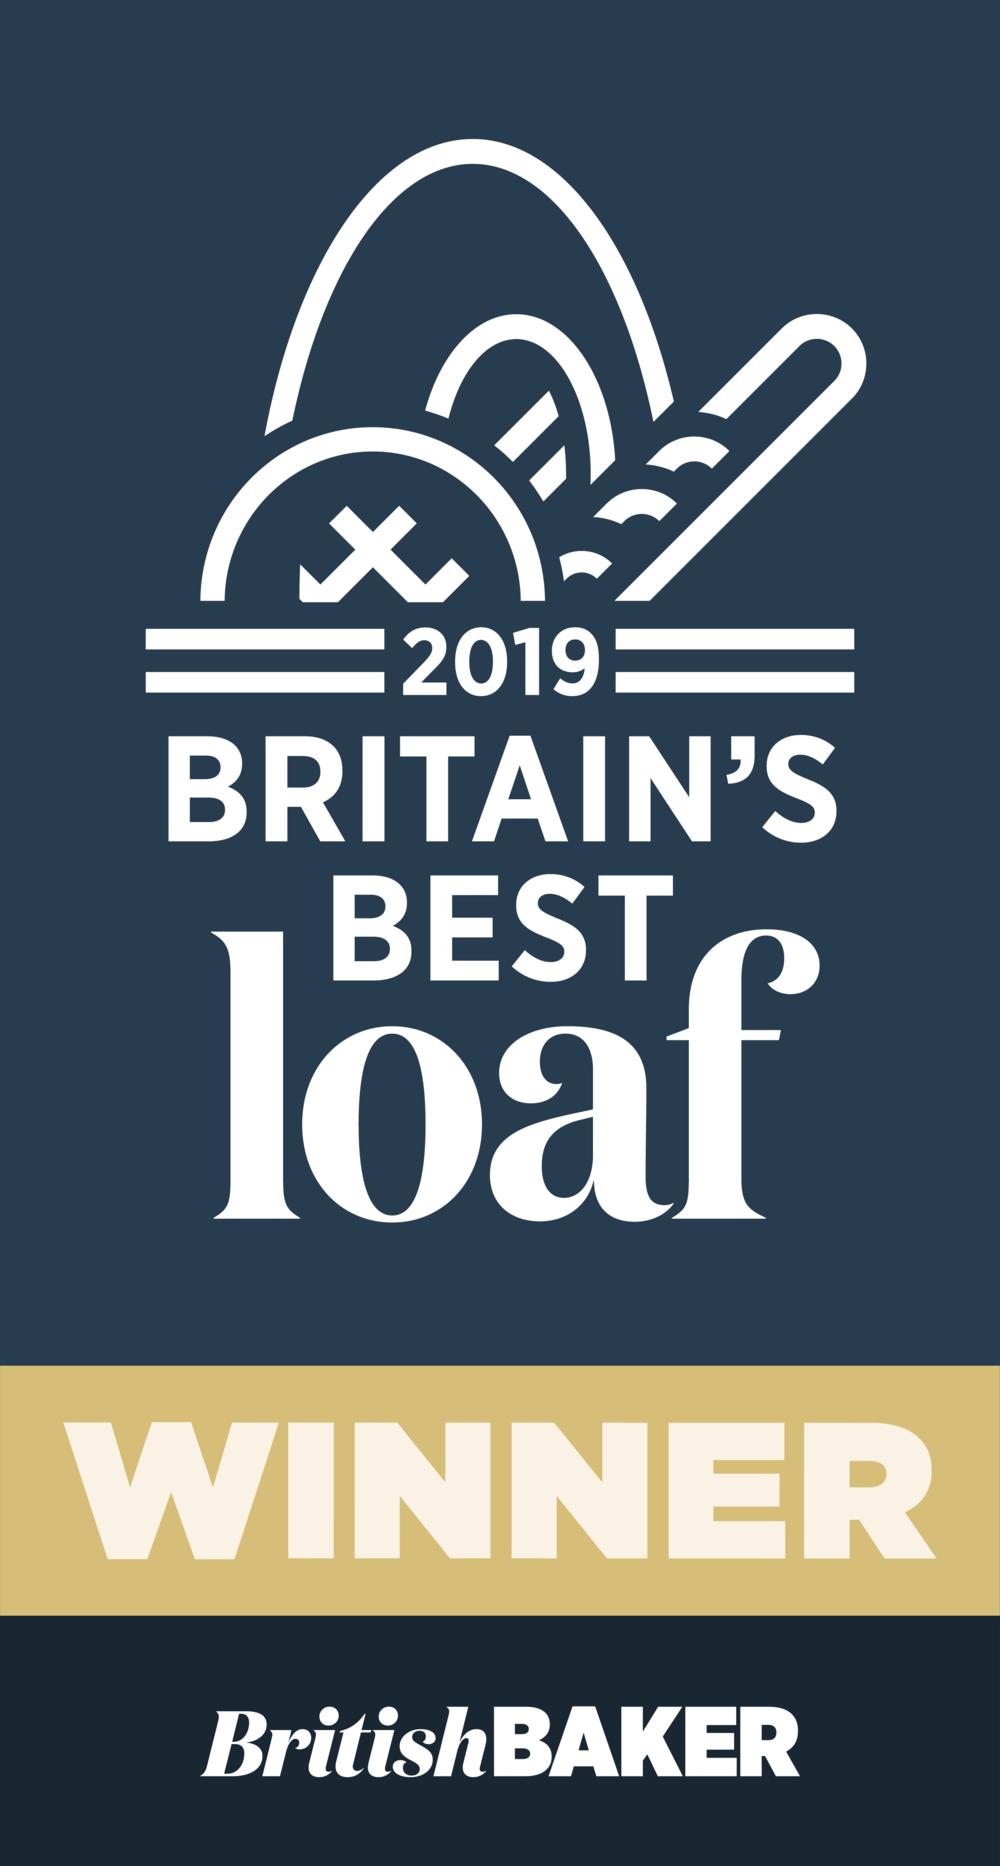 BB_Britains Best Loaf Logos_EDIT_BB_BestLoaf2019+BB_Winner.png